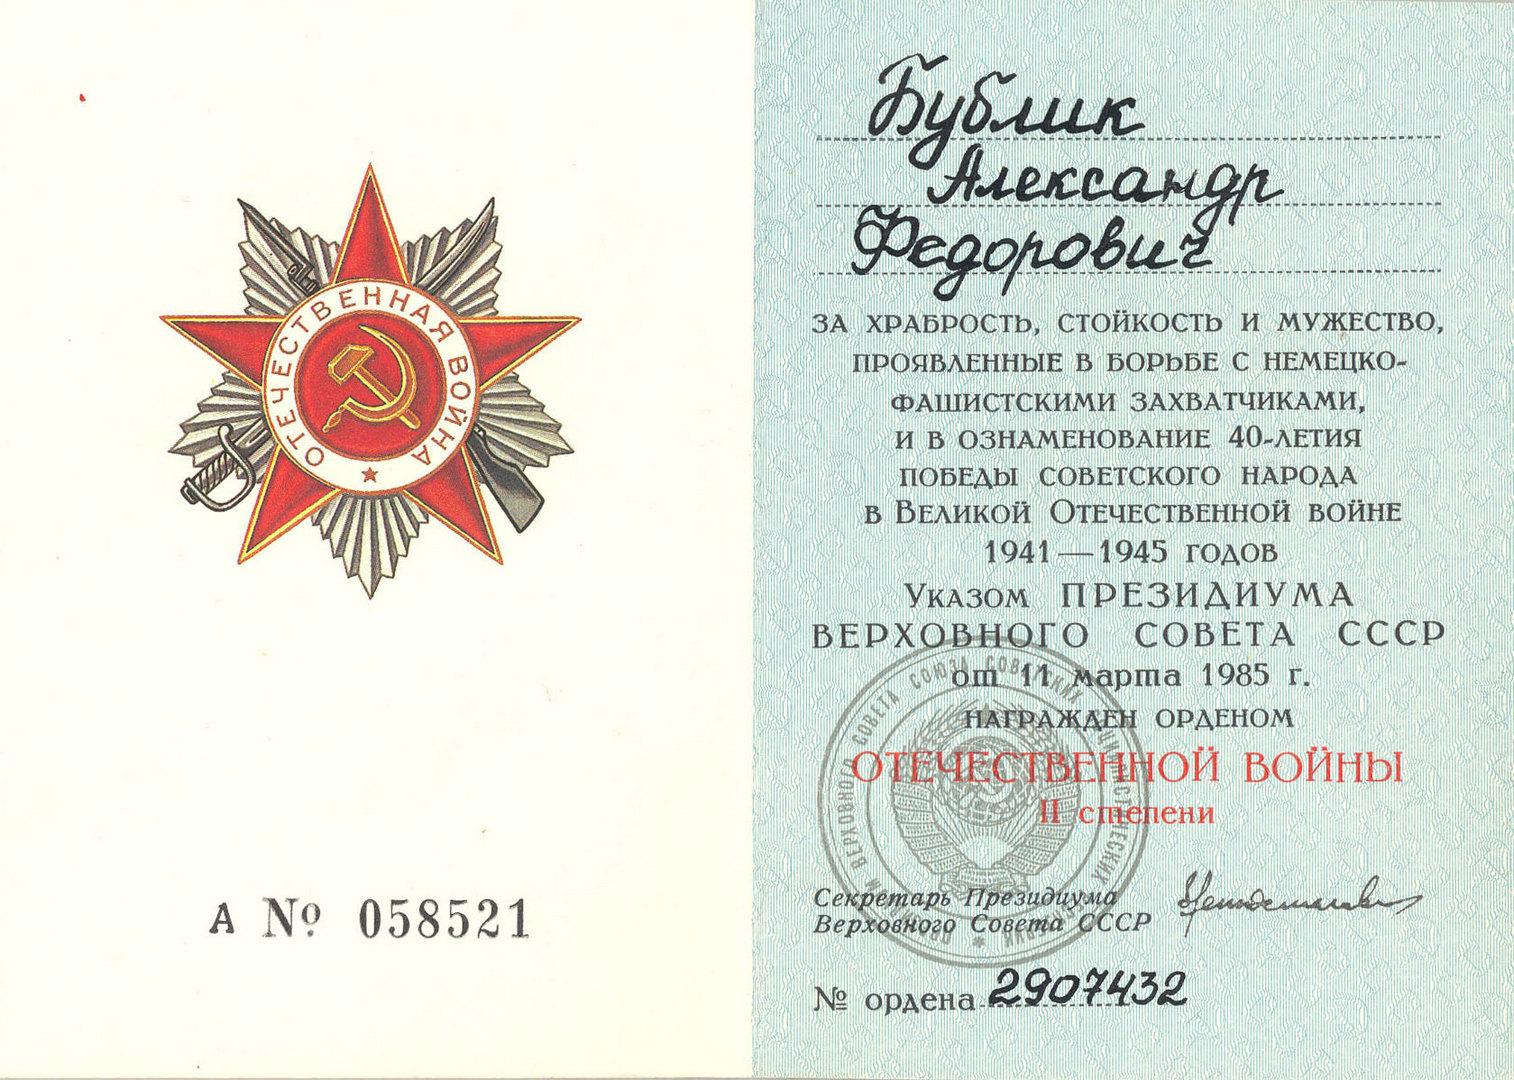 Орденская книжка А № 058521 к ордену Отечественной войны 2-ой степени № 2307432